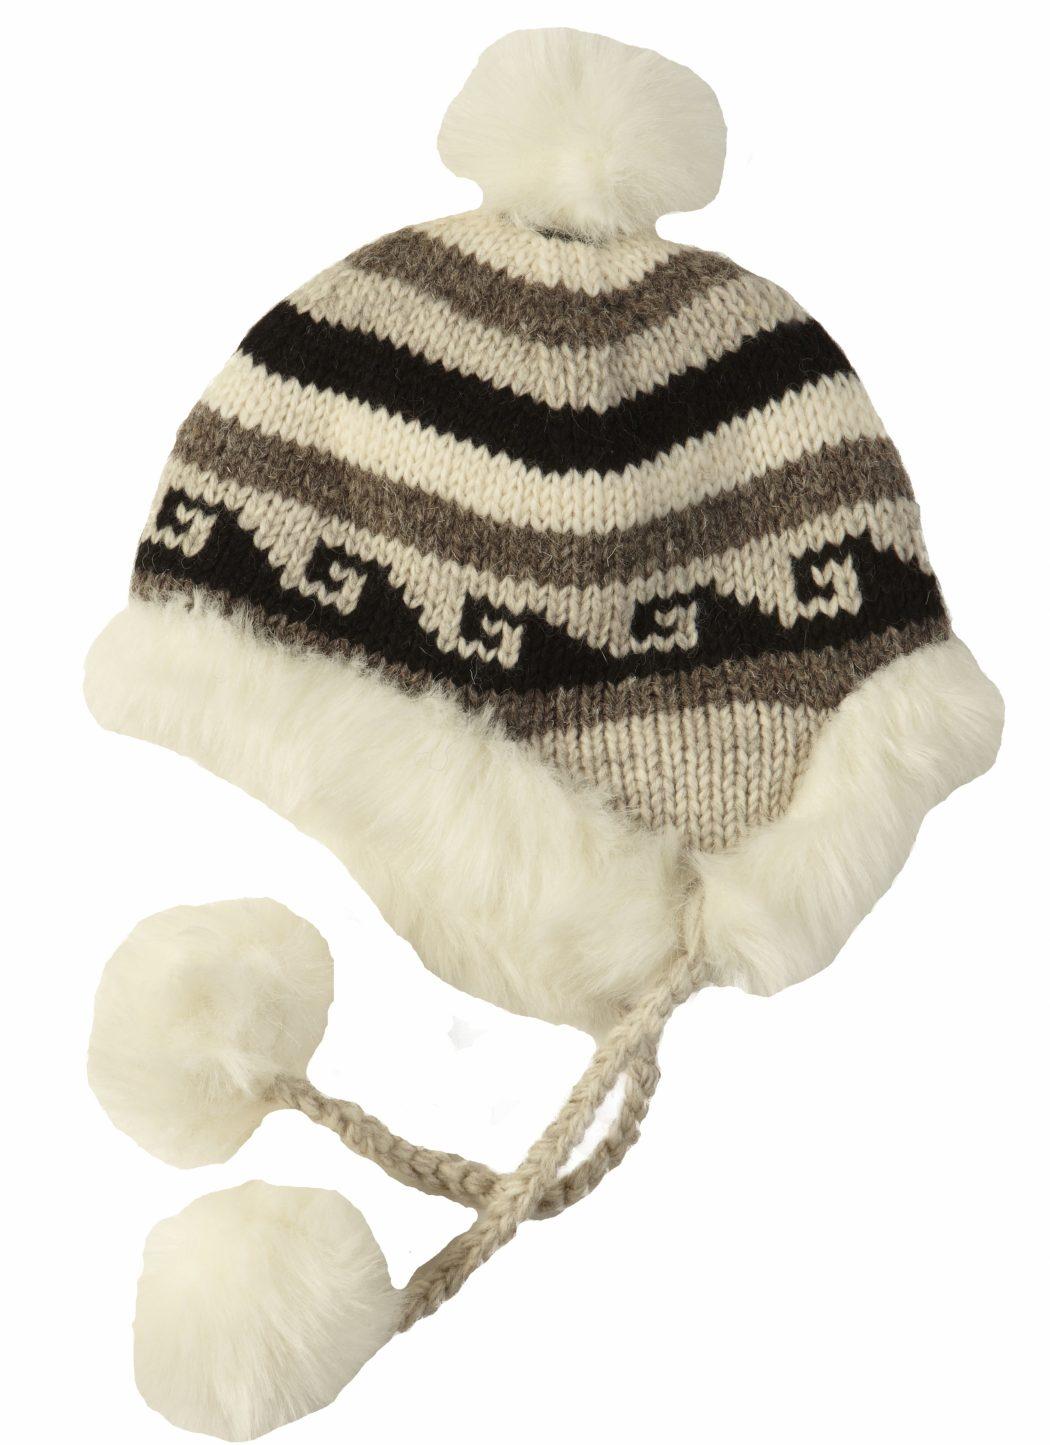 faux-fur-lined-pom-pom-hats Best 10 Ideas for Choosing Winter Gifts